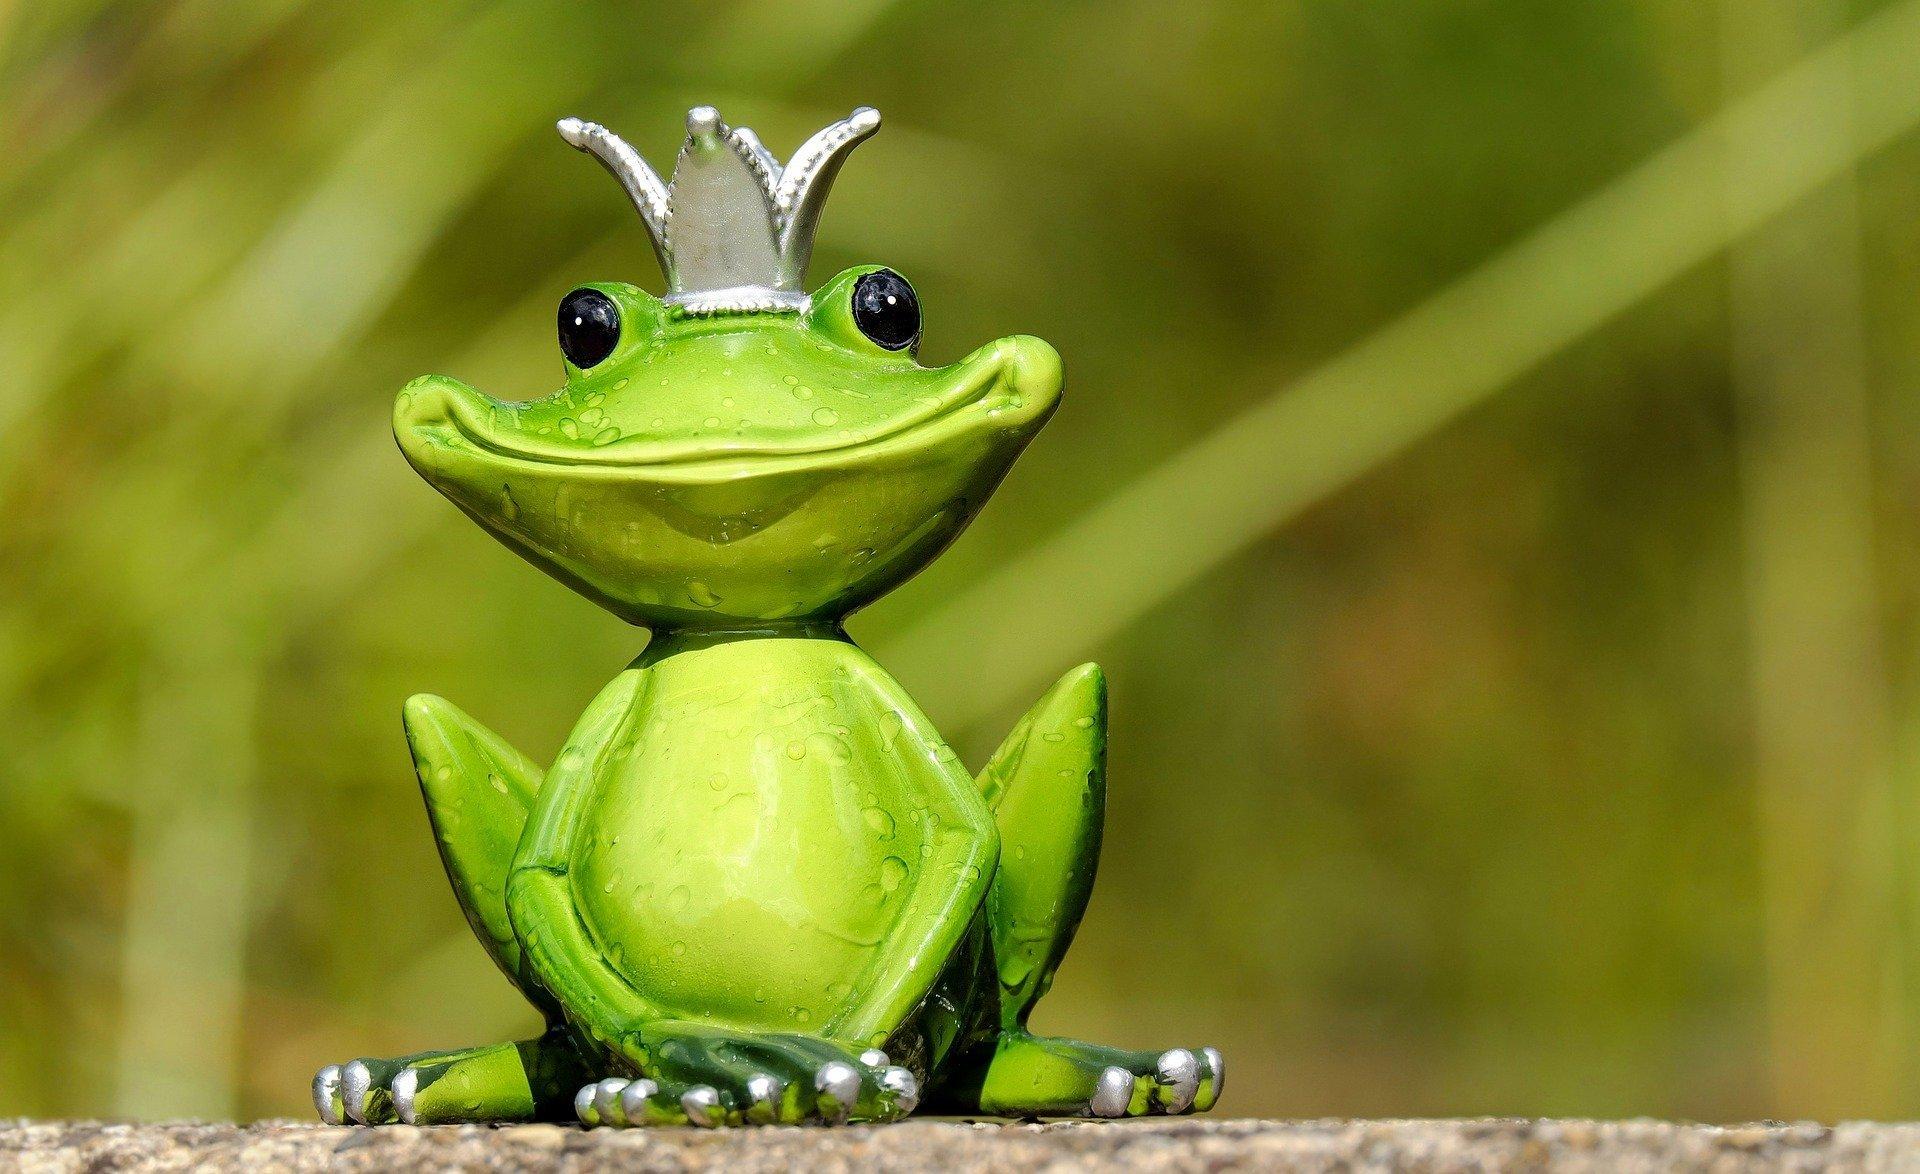 Była sobie żabka mała piosenka i tekst piosenki dla dzieci